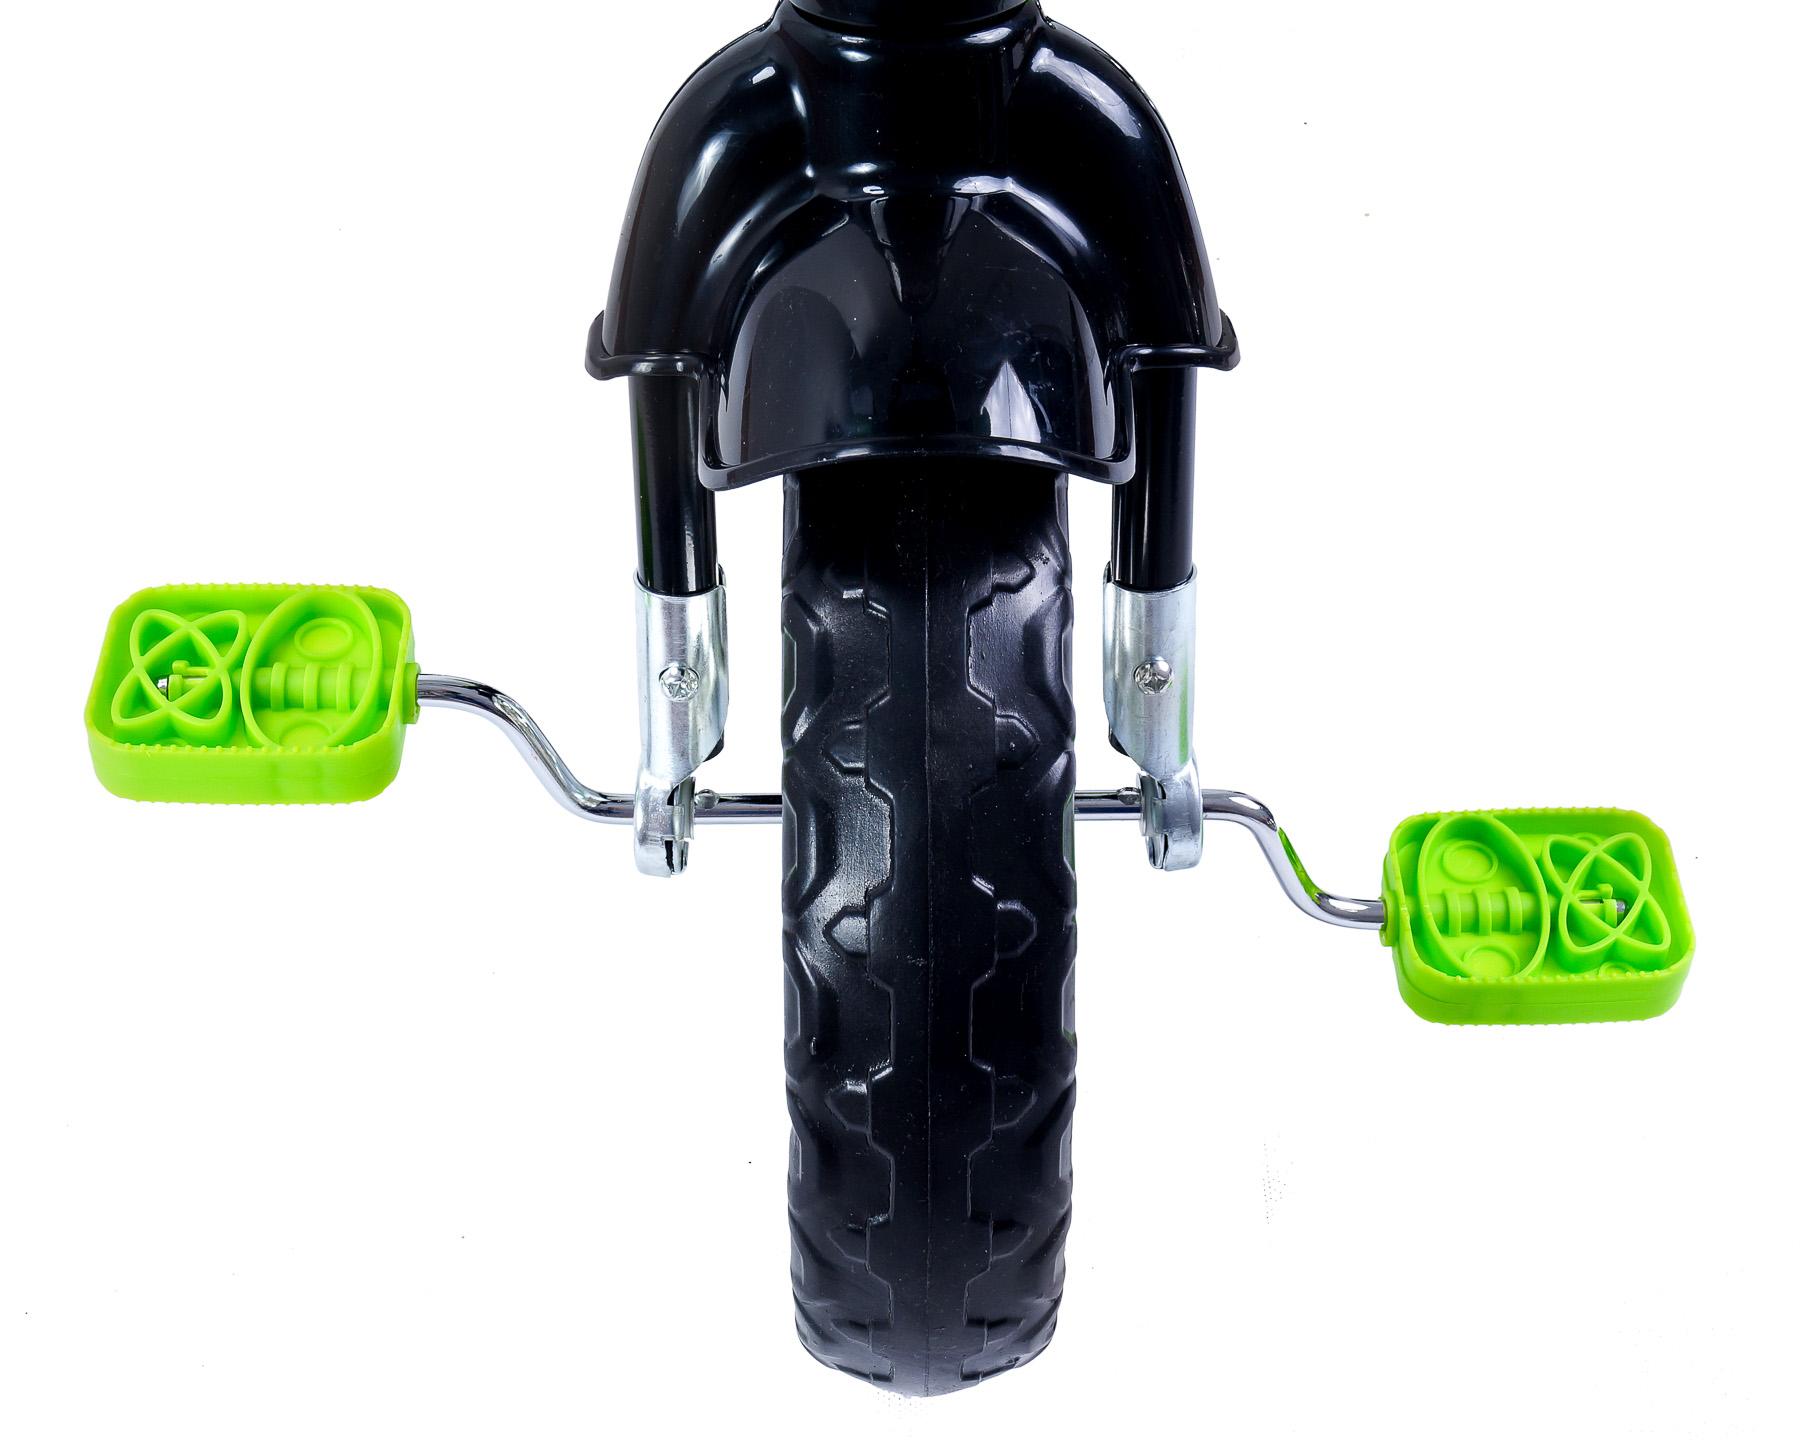 Rowerek trójkołowy metalowy york firmy toyz